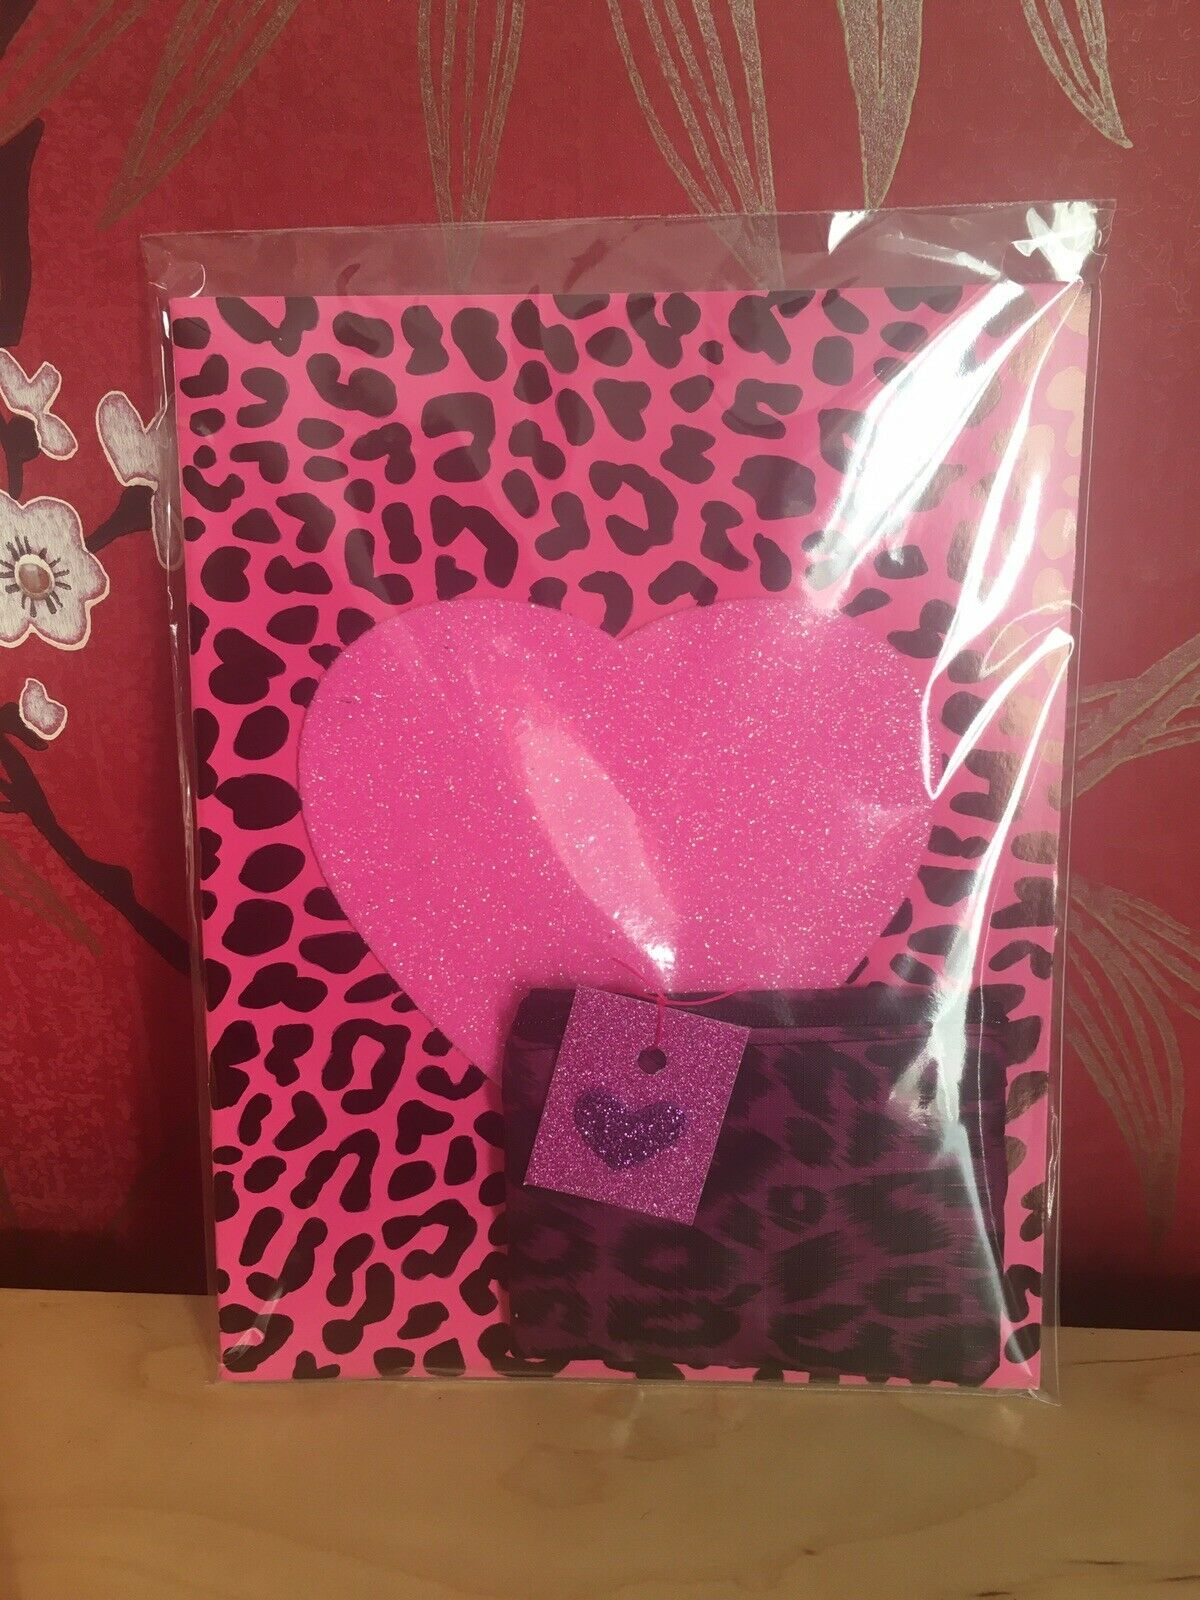 Rockabilly Leopard Print Hot Pink Glitter Heart A5 Notebook +purse 2pc Gift Set